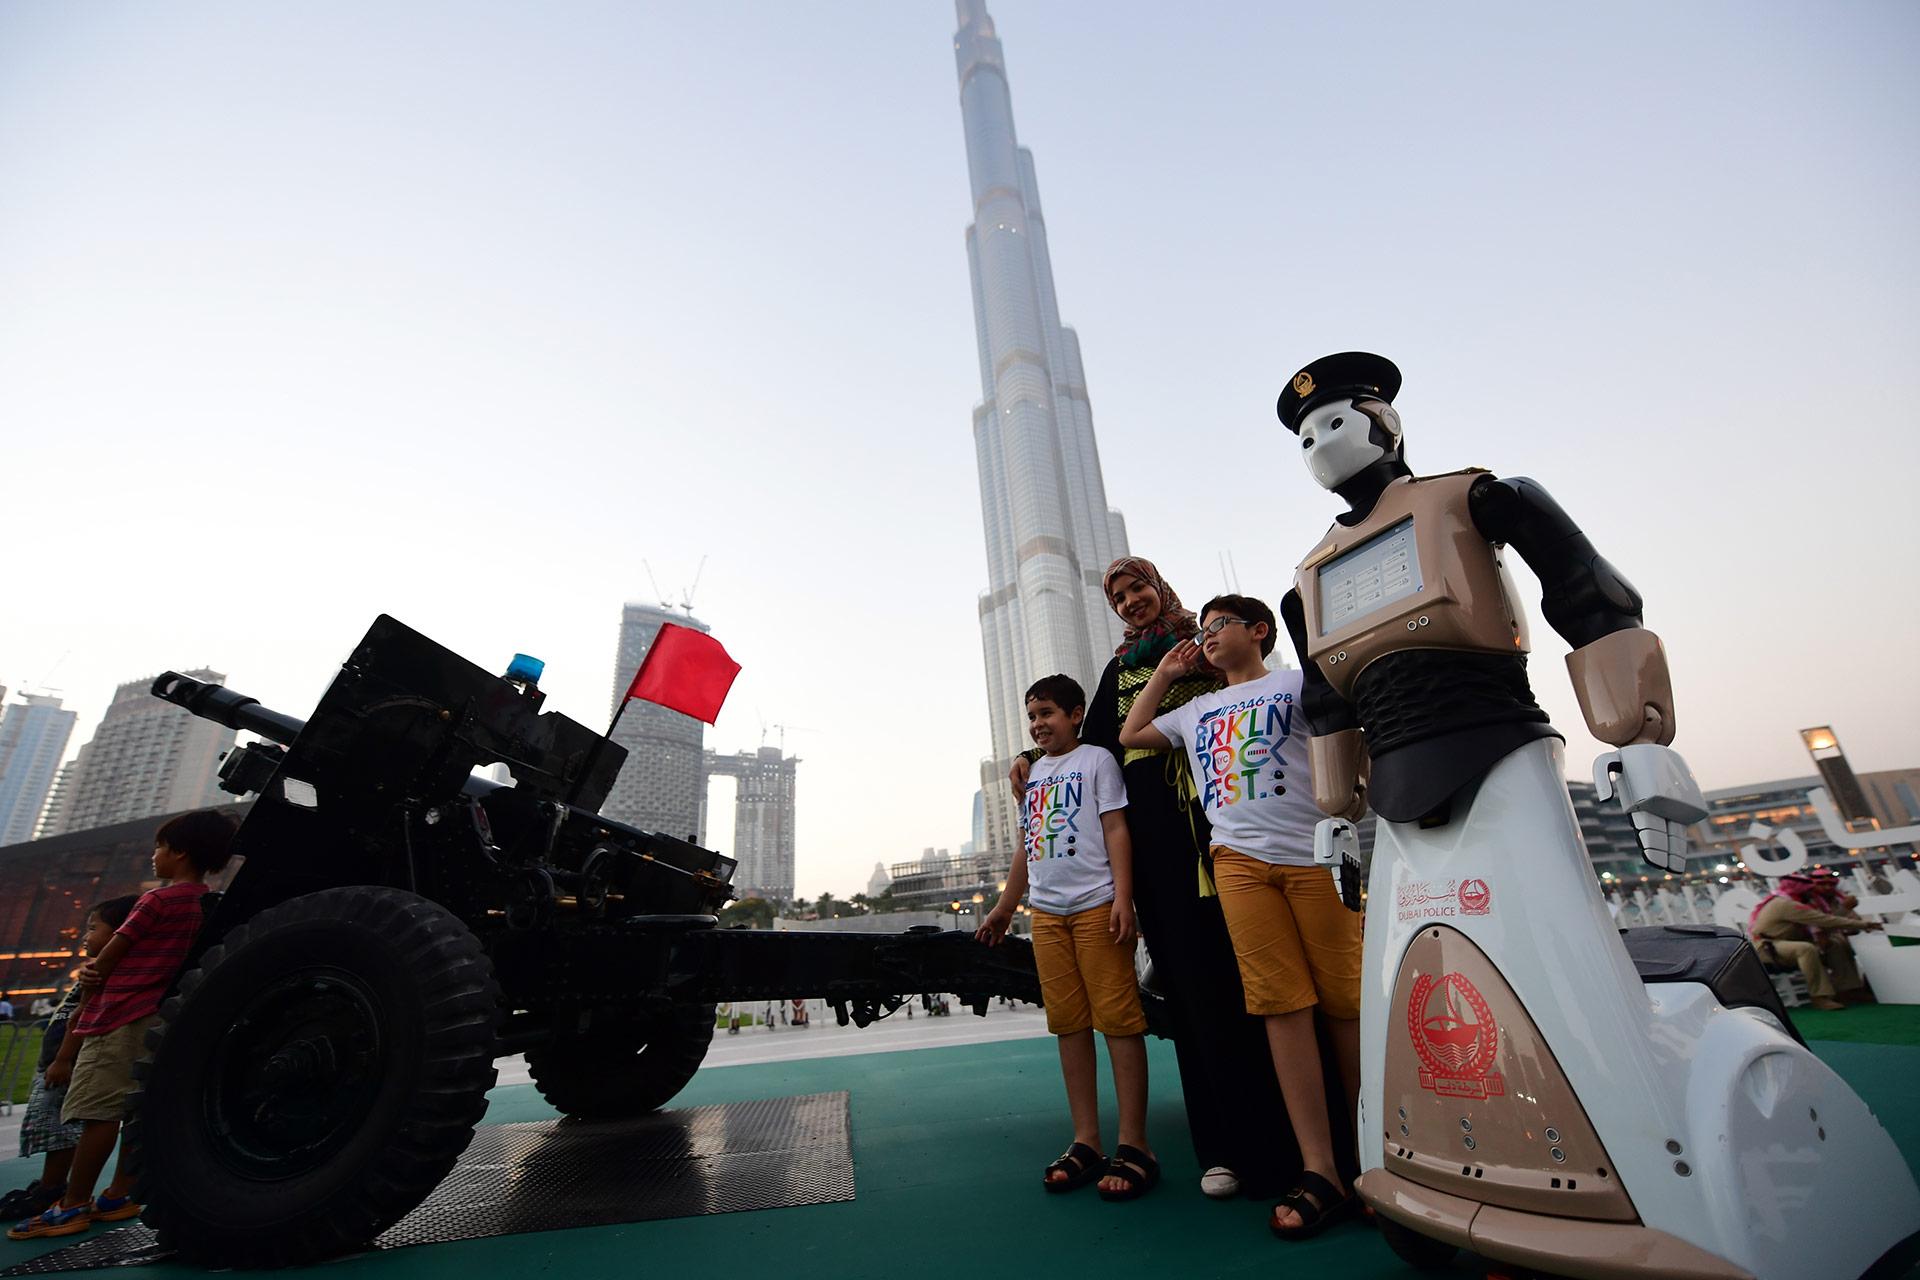 Turistas, residentes extranjeros y locales posaroncon este extraño humanoide, que circula sobre dos ruedas